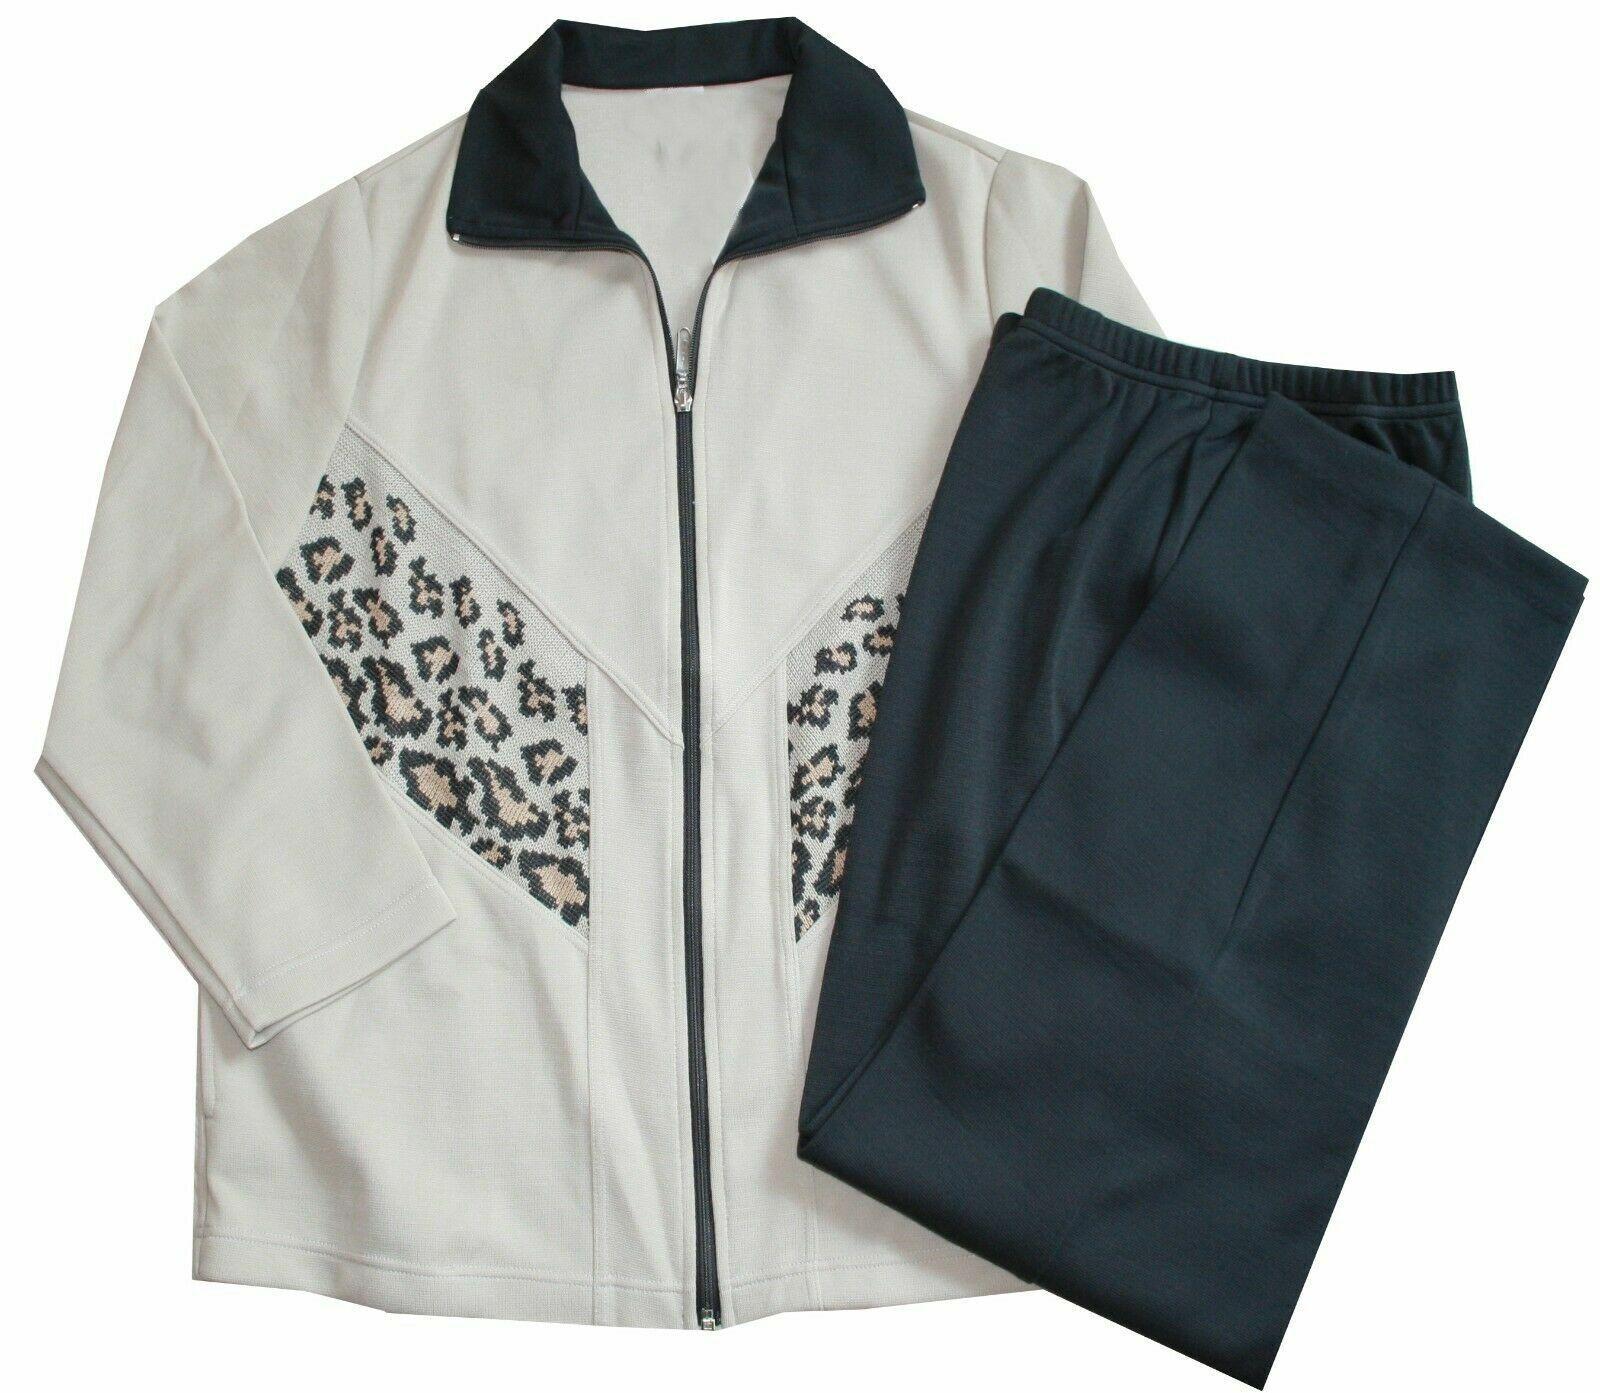 Schneider Sportswear Freizeitanzug Senioren Trainingsanzug Hausanzug REHA S (38)